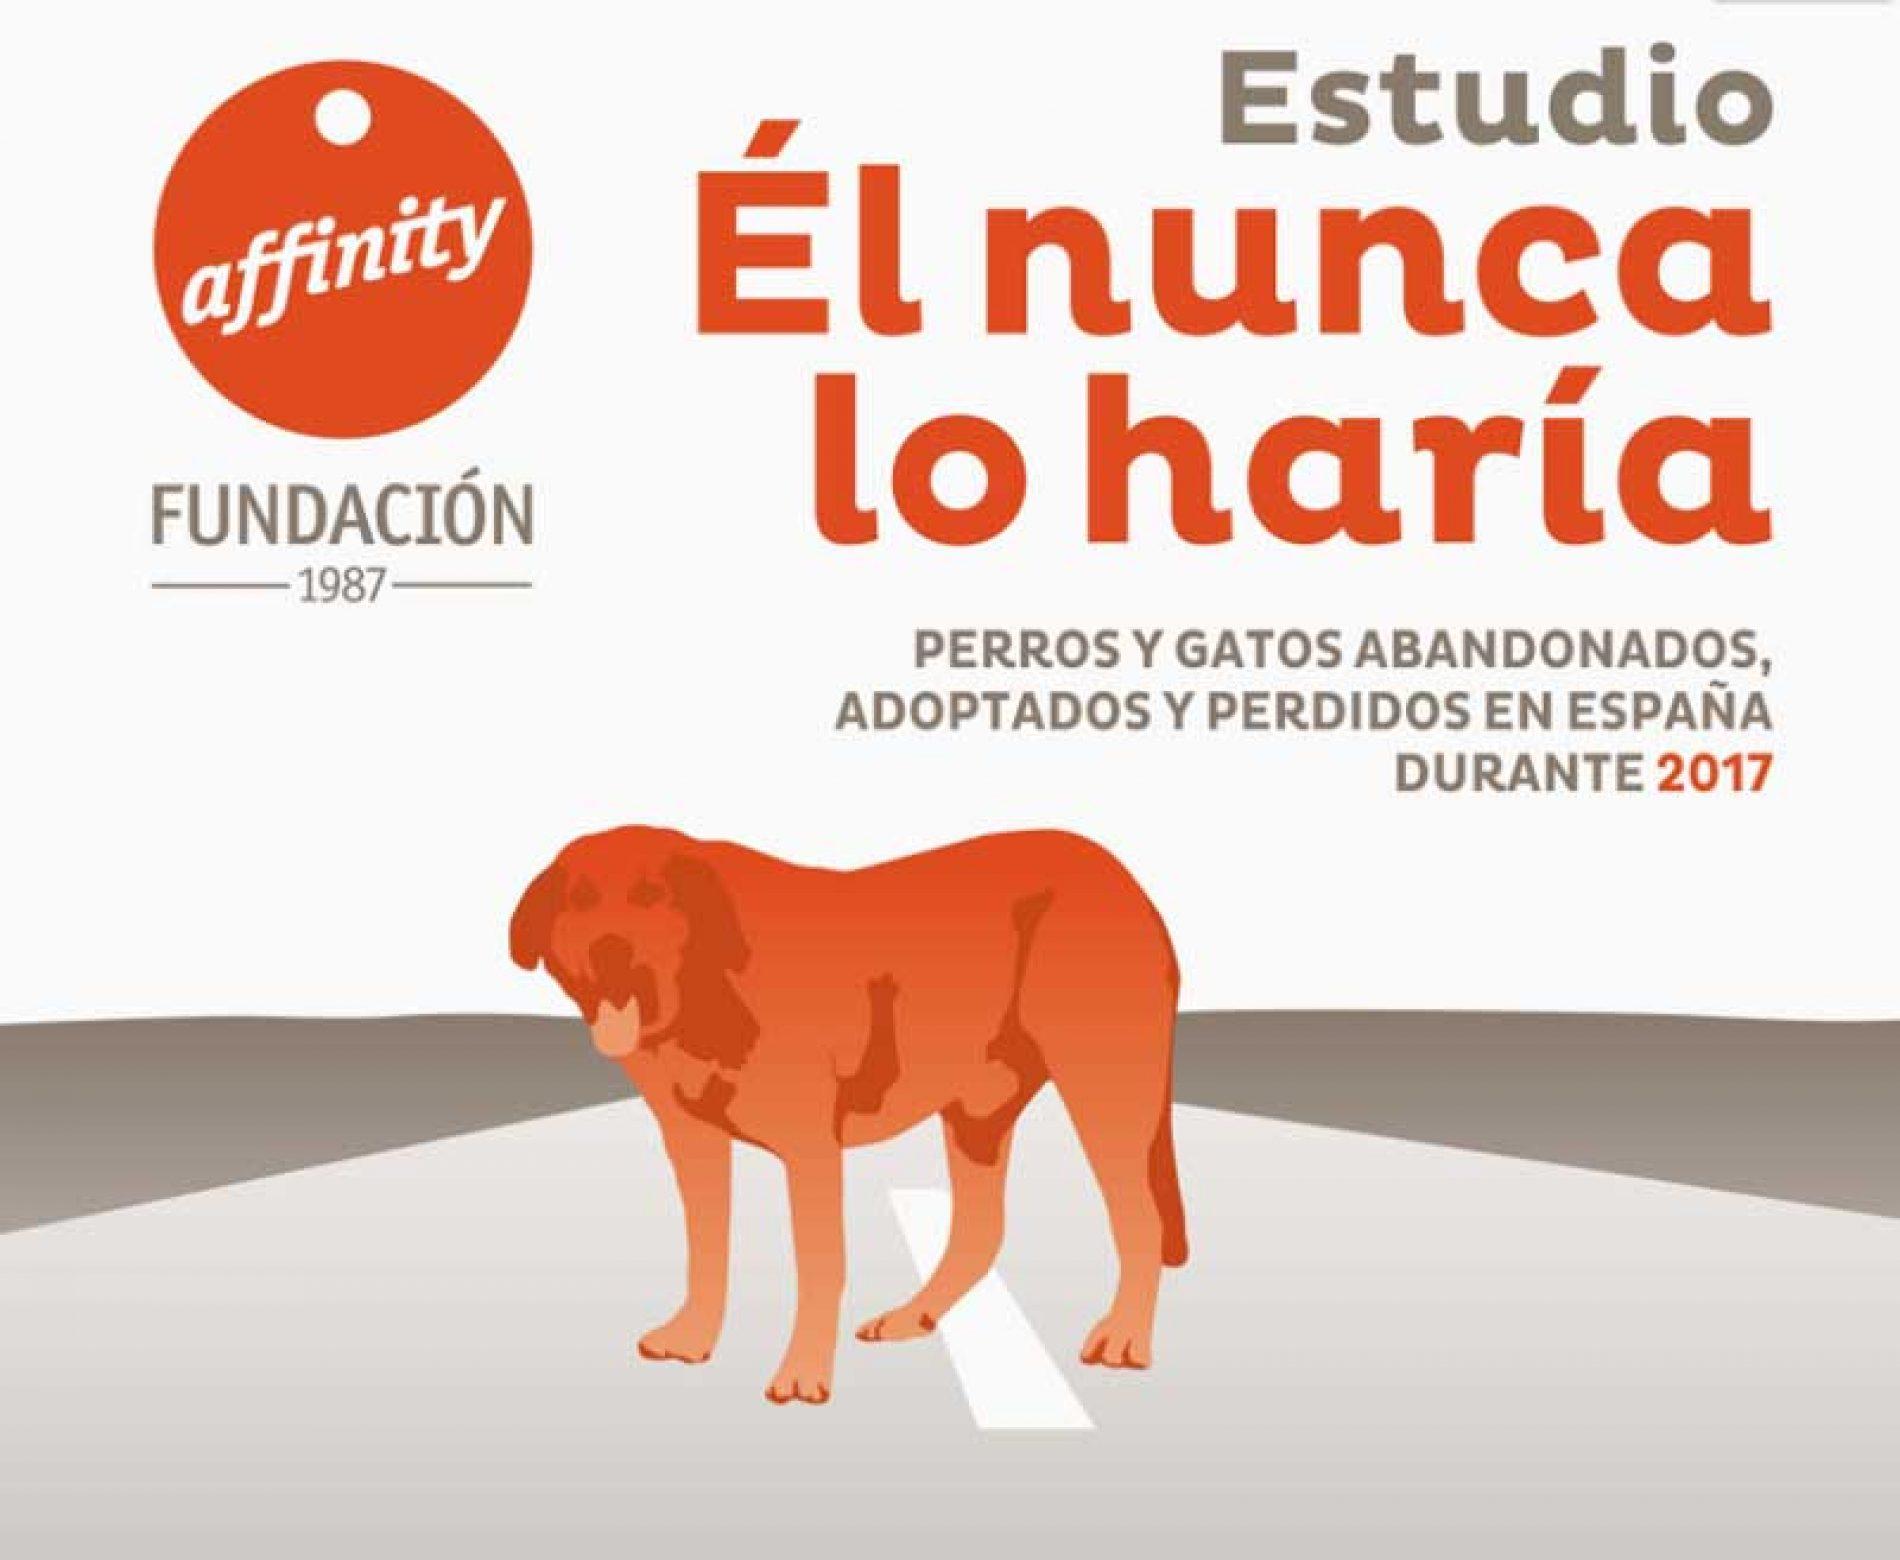 El estudio de la Fundación Affinity confirma que los perros de caza son los menos abandonados